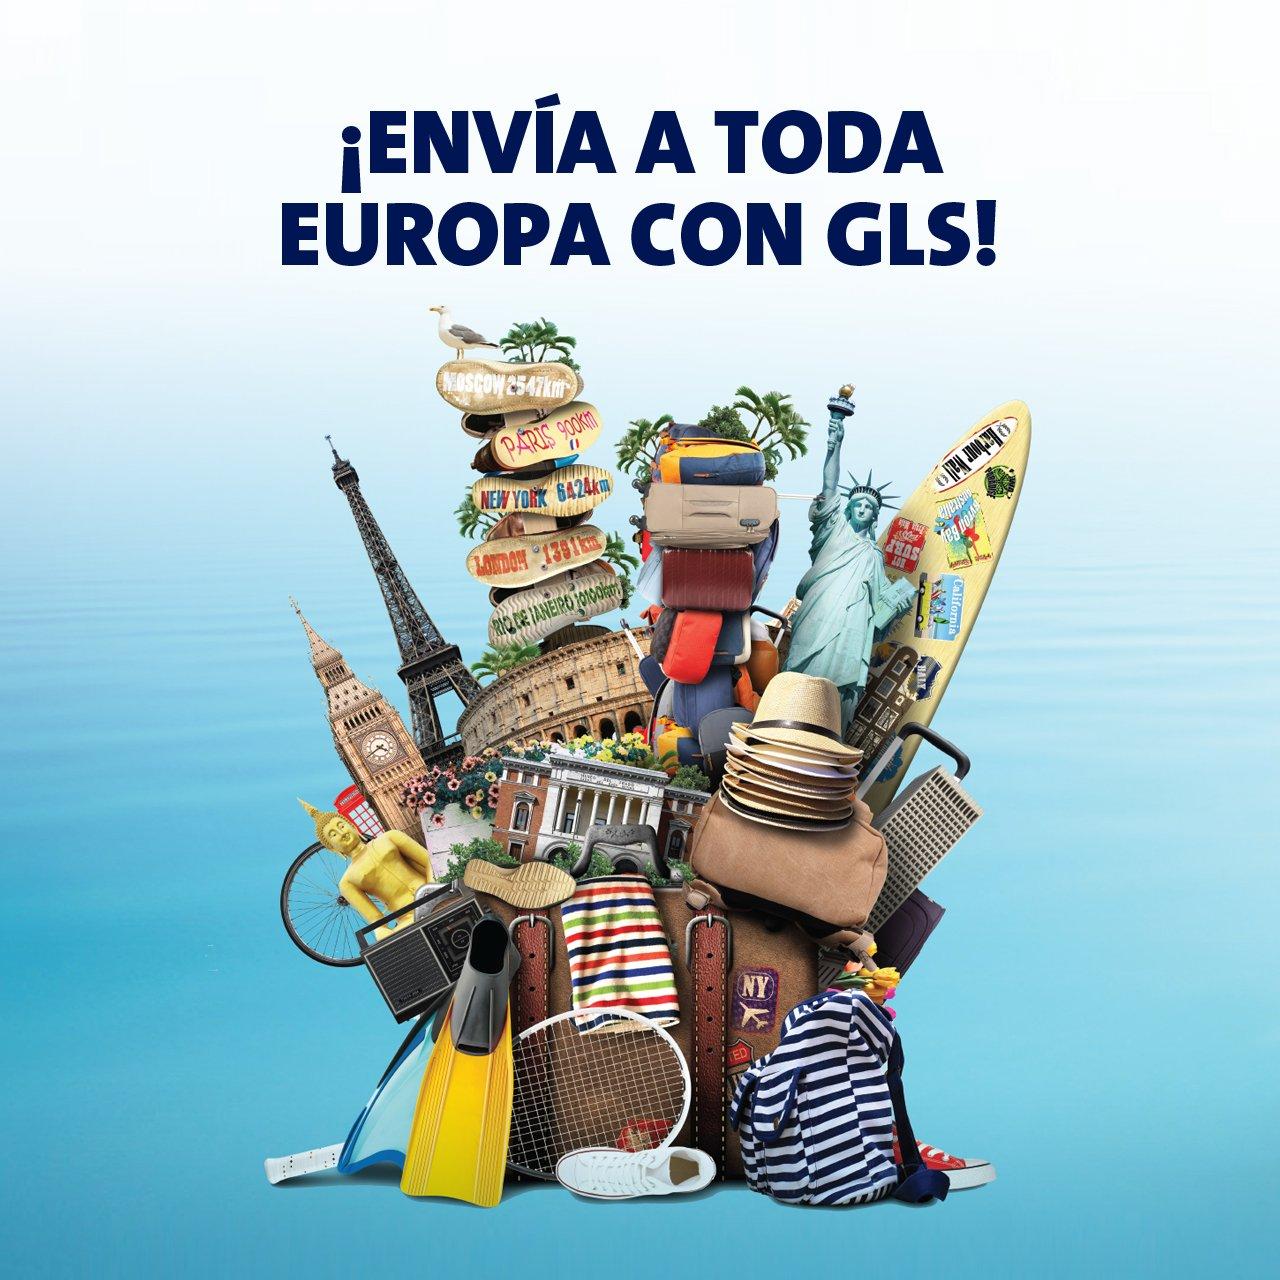 Envía a toda Europa GLS